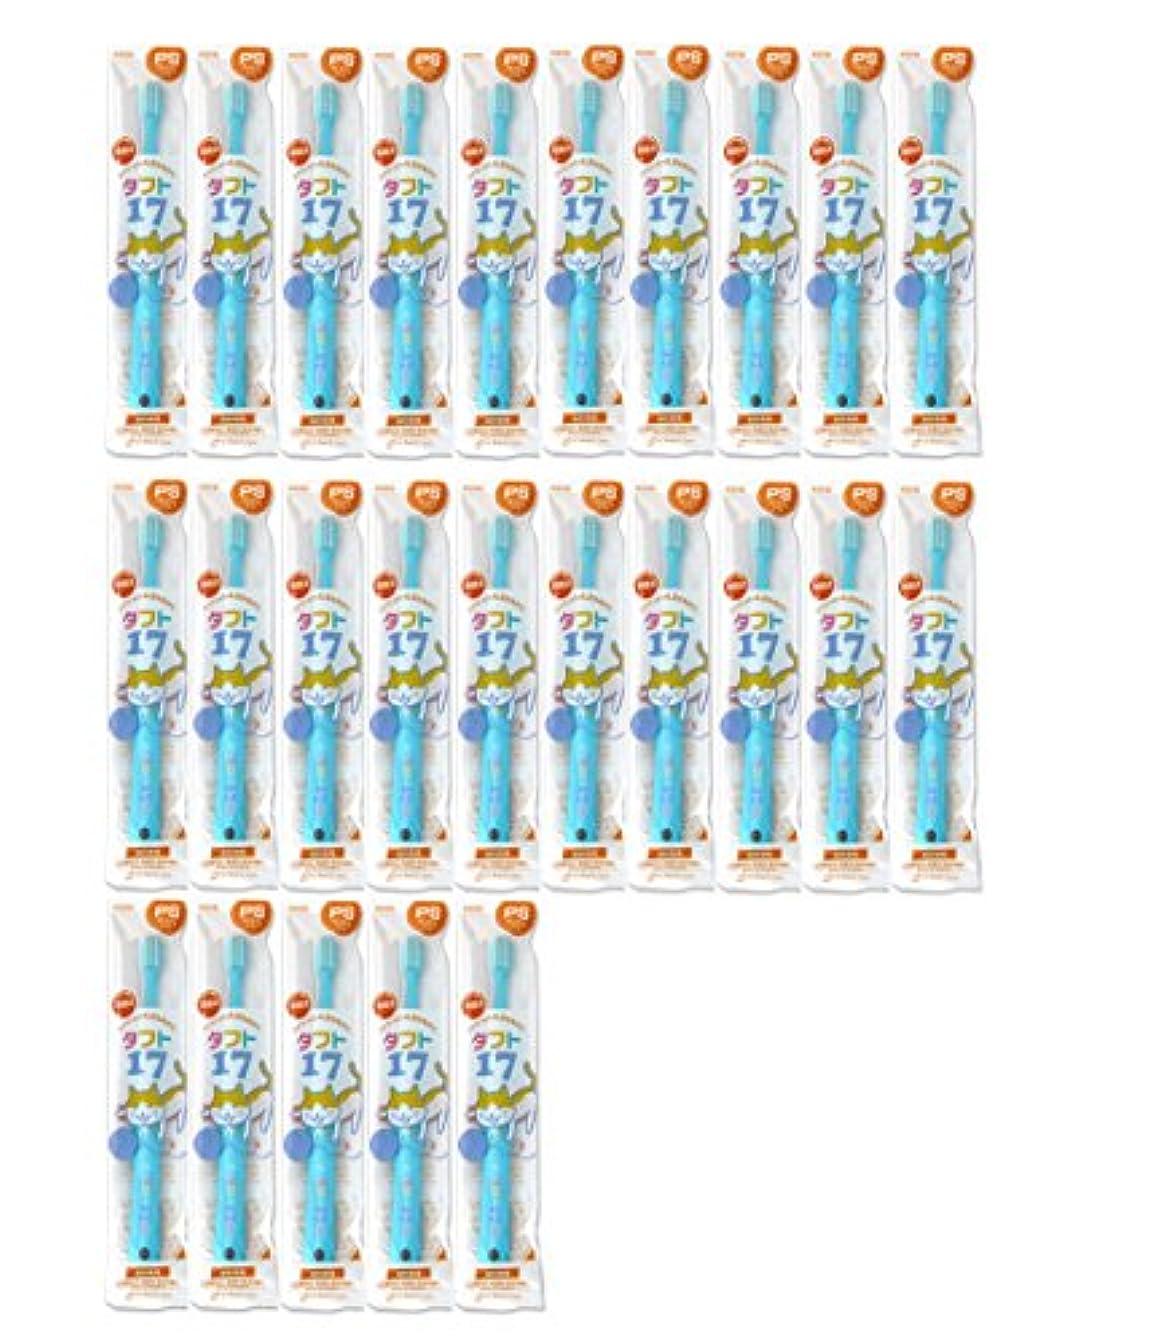 胸エミュレーション六タフト17 25本 オーラルケア【タフト17/プレミアムソフト 子供】乳歯列期(1~7歳)こども歯ブラシ 25本セット ブルー